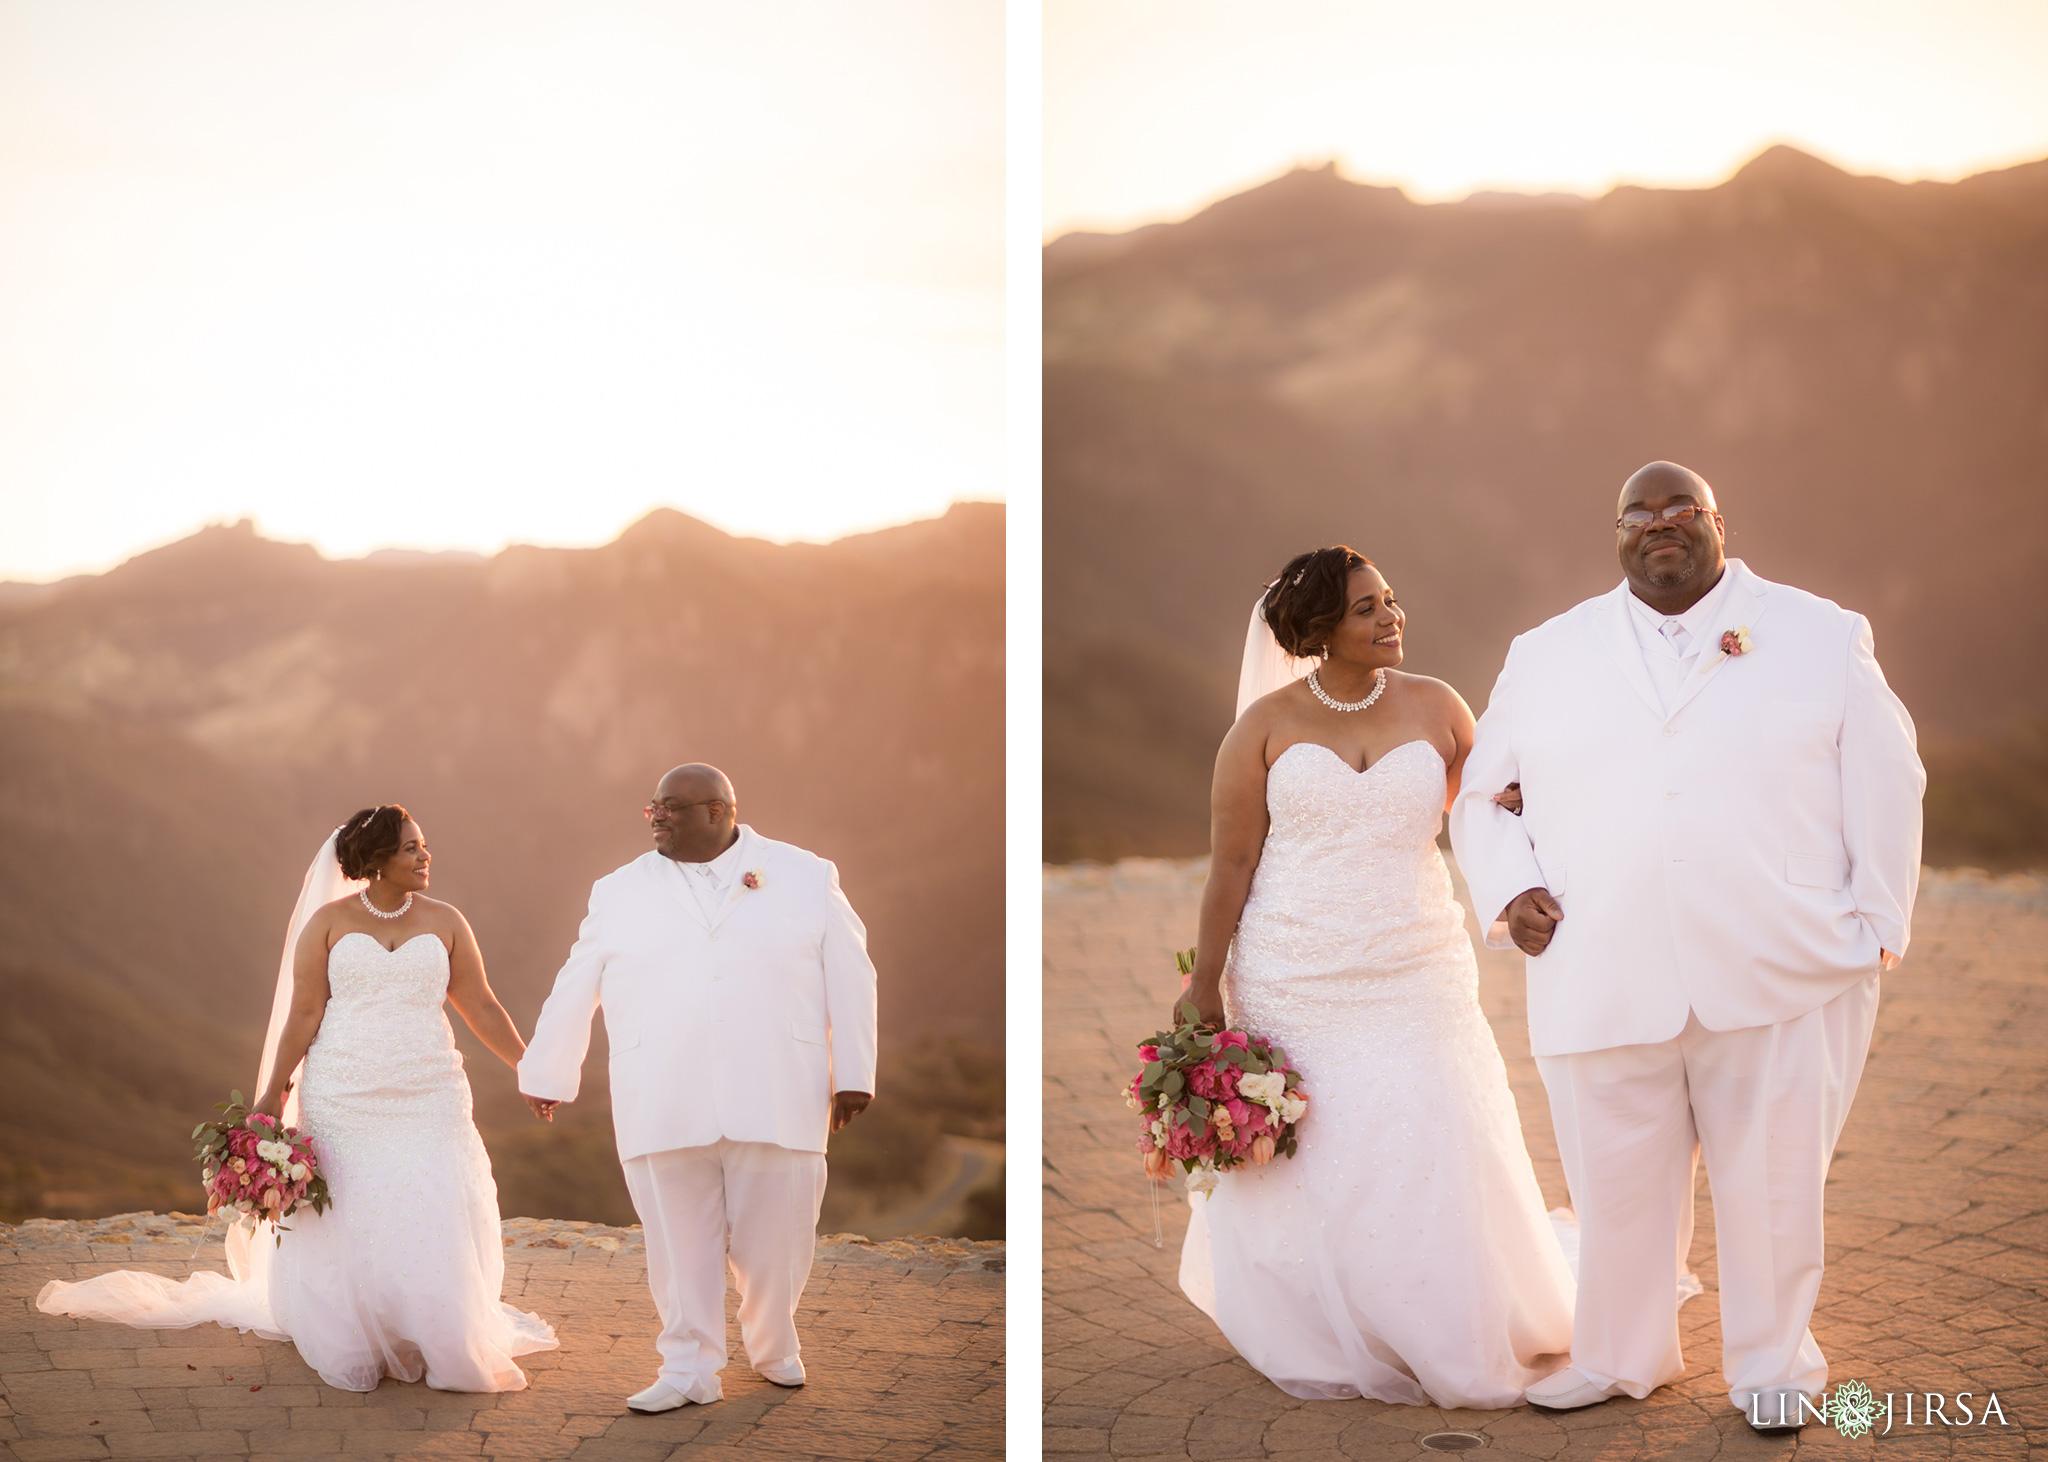 Malibu rocky oaks wedding us57 for Malibu rocky oaks wedding price